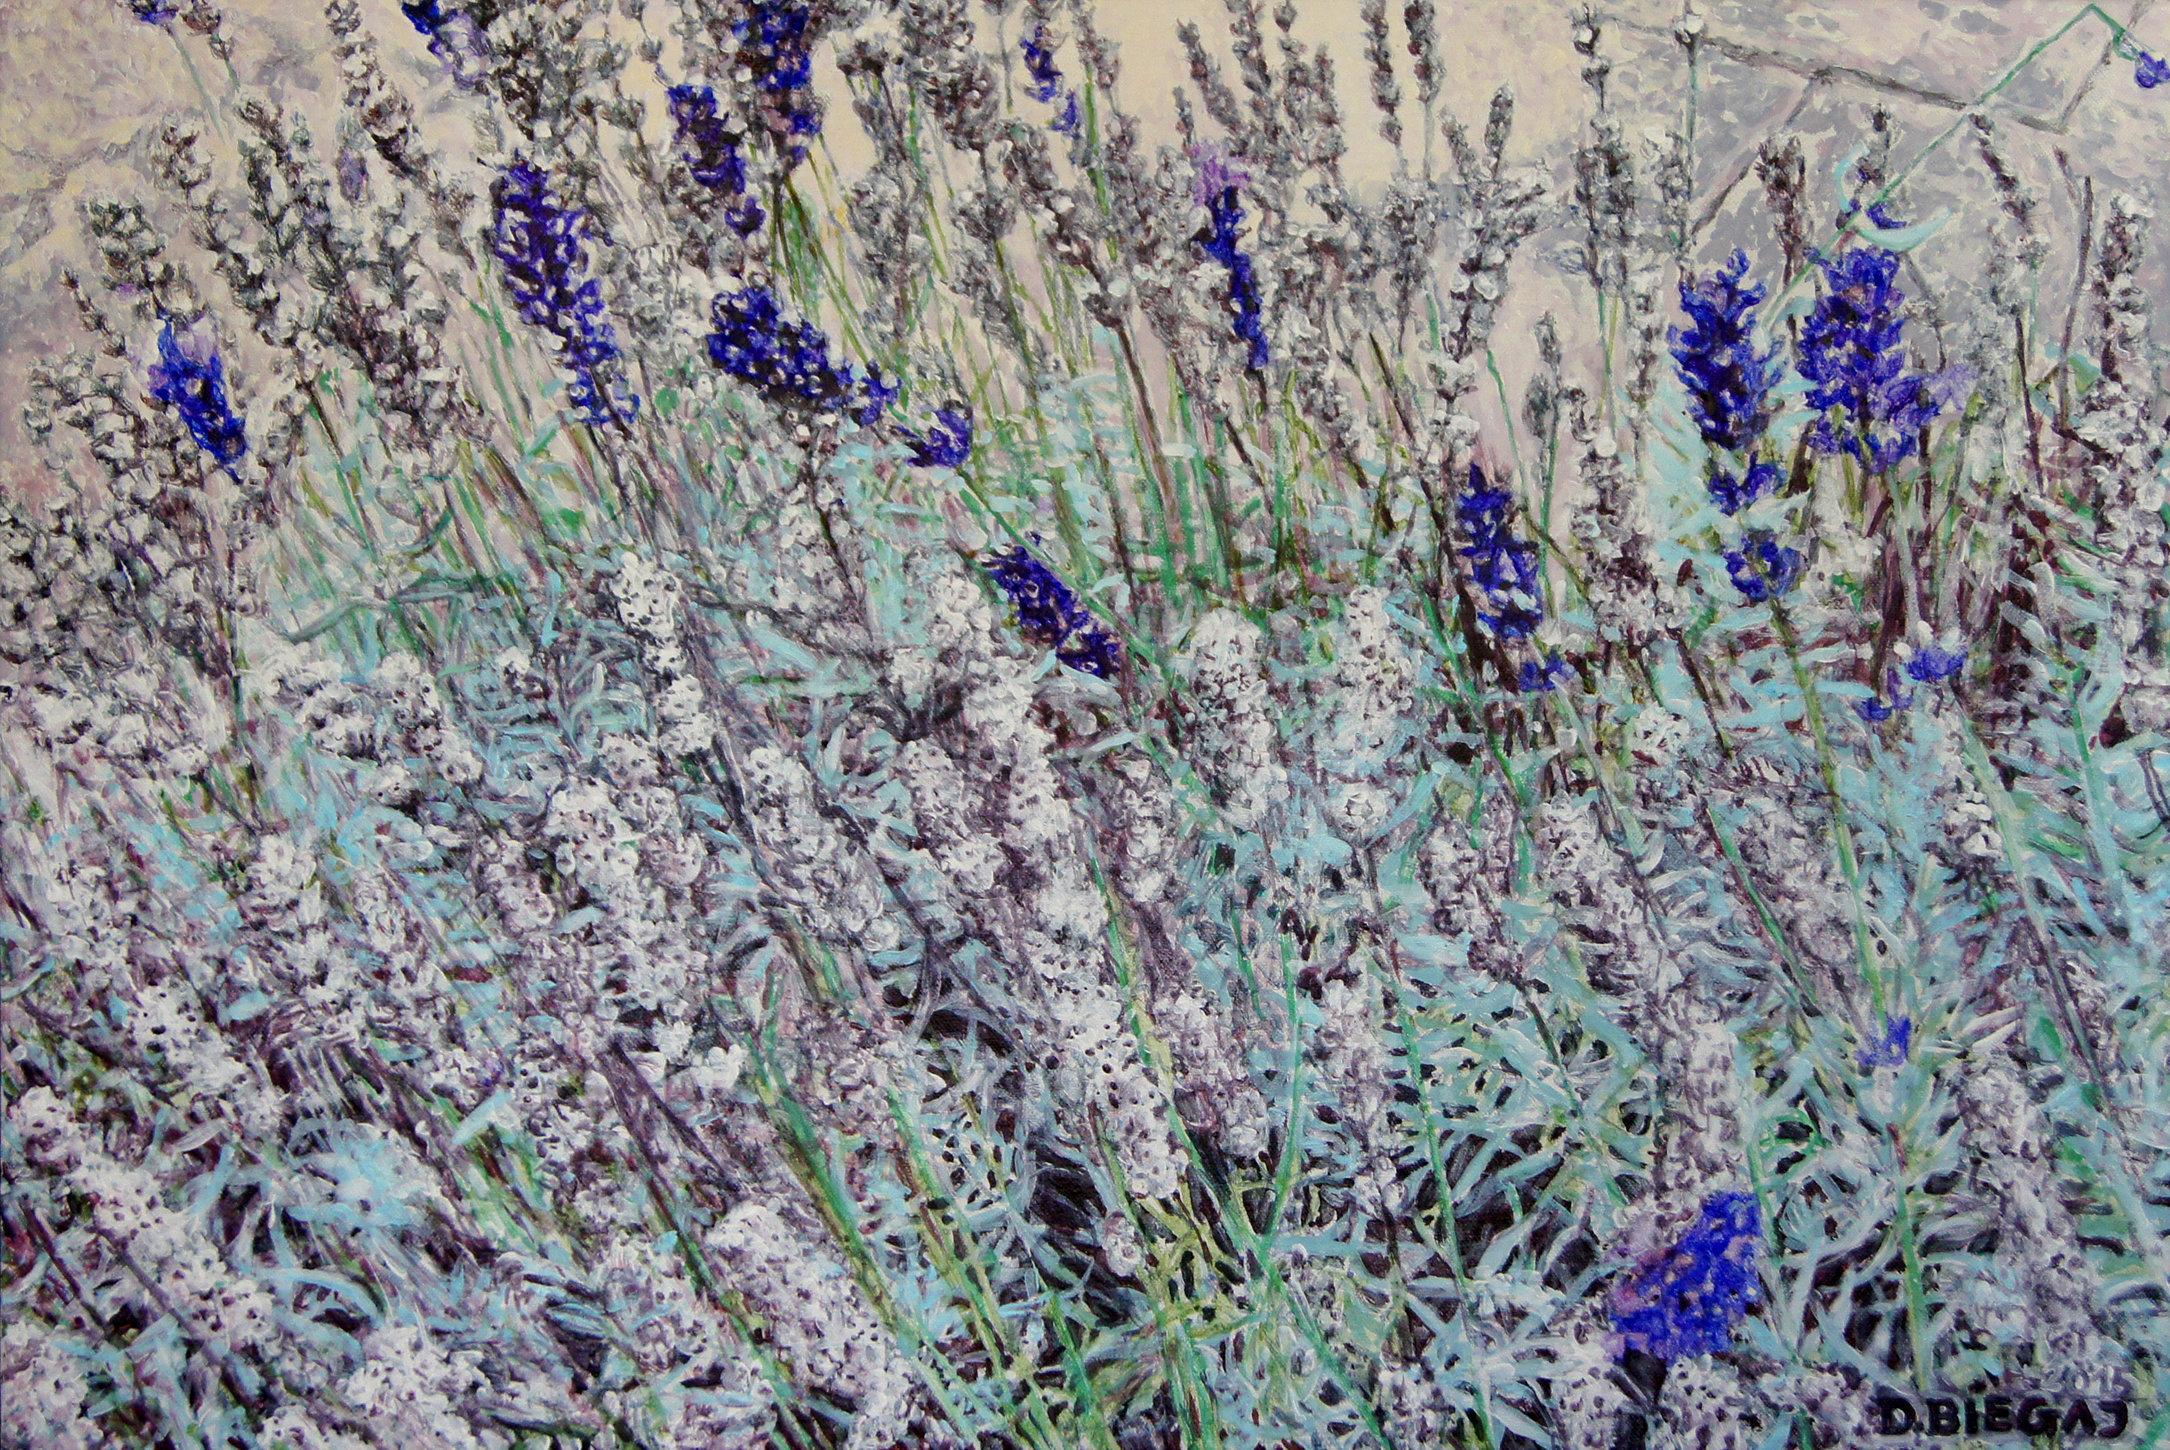 Lavender 51x76 akryl płótno 2015 (wł. pryw.)